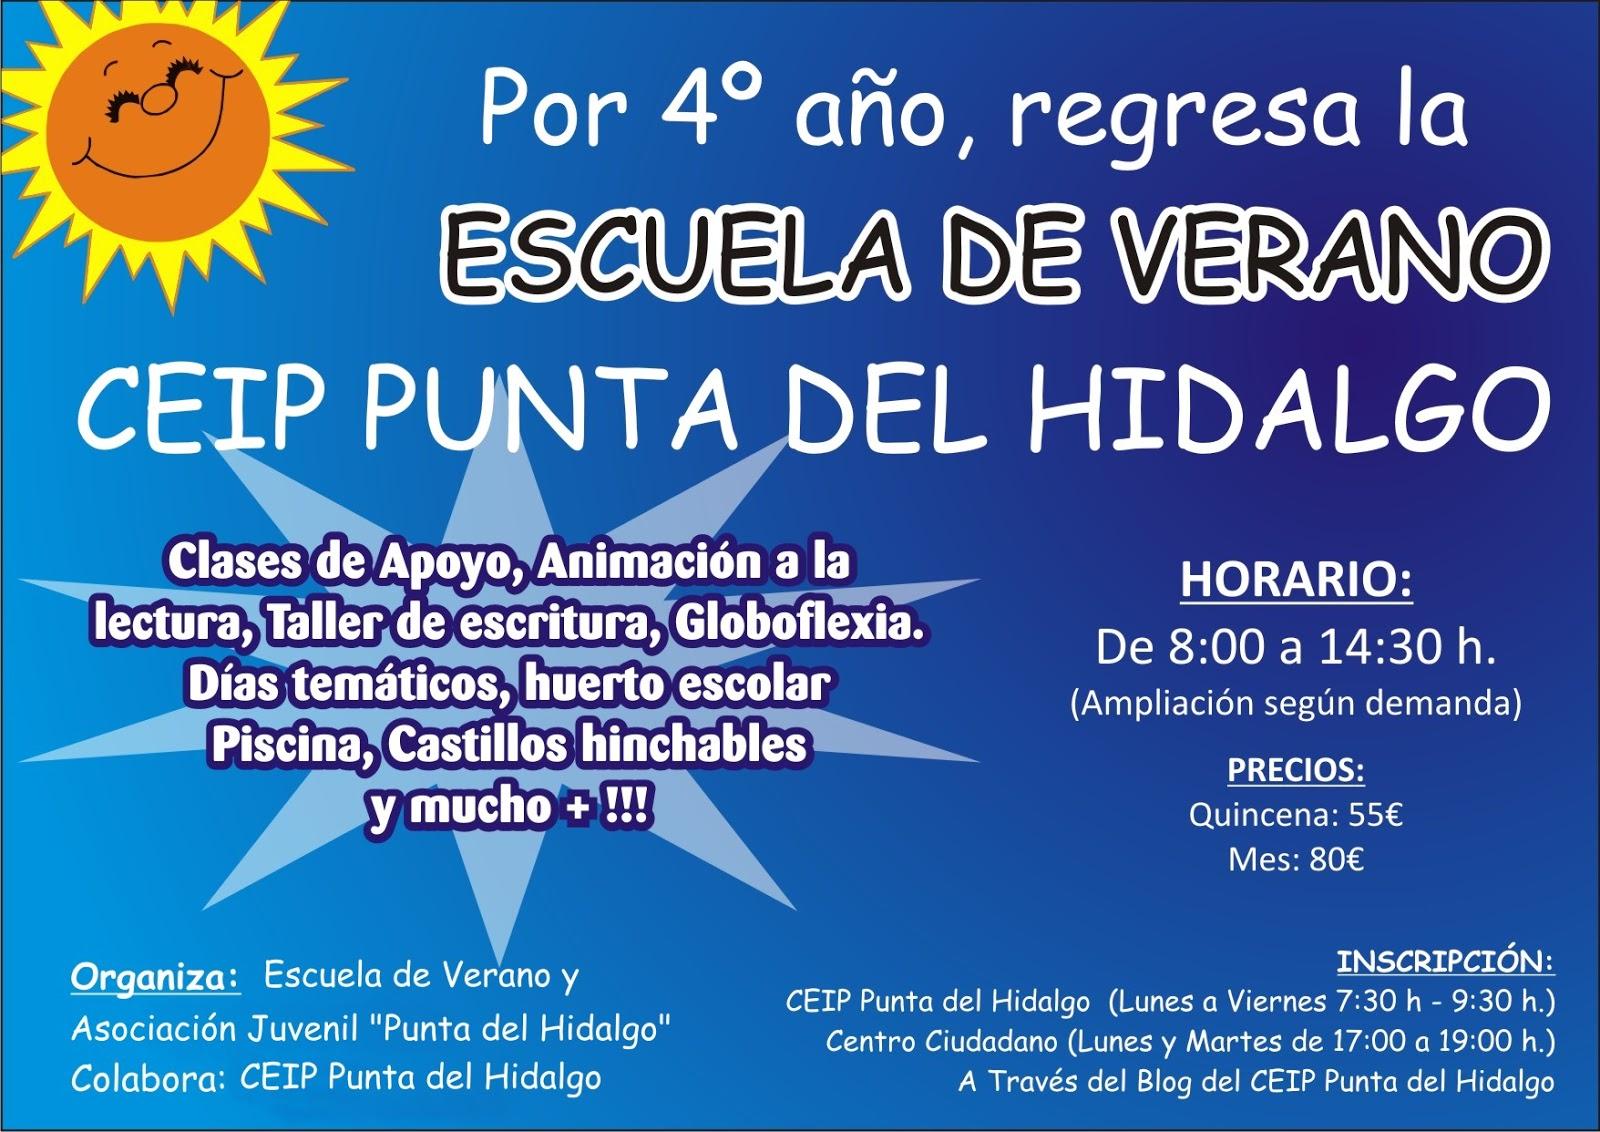 C.E.I.P. PUNTA DEL HIDALGO: 2013